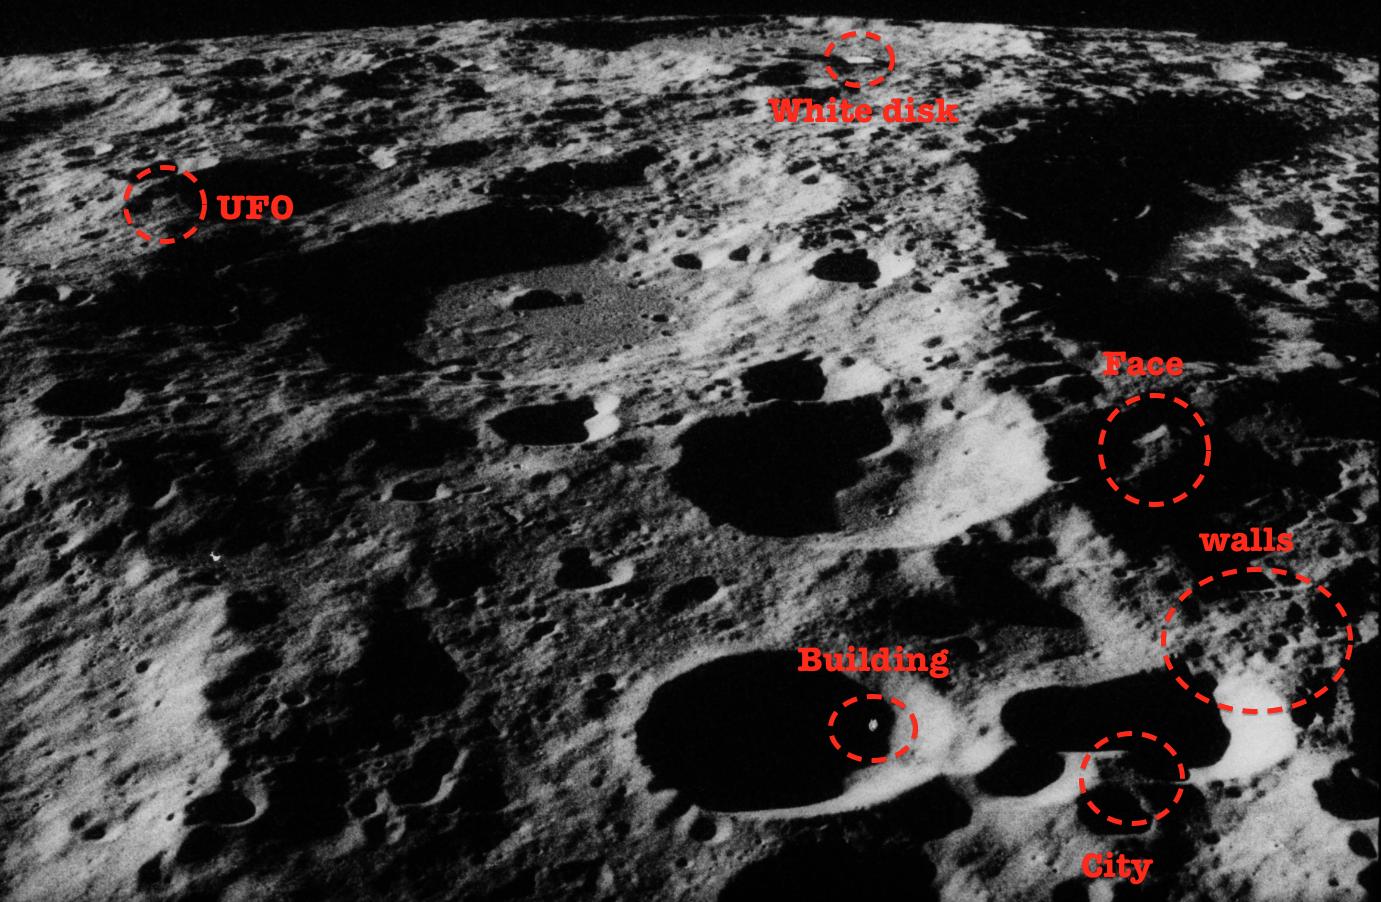 nasa secret moon base - photo #14